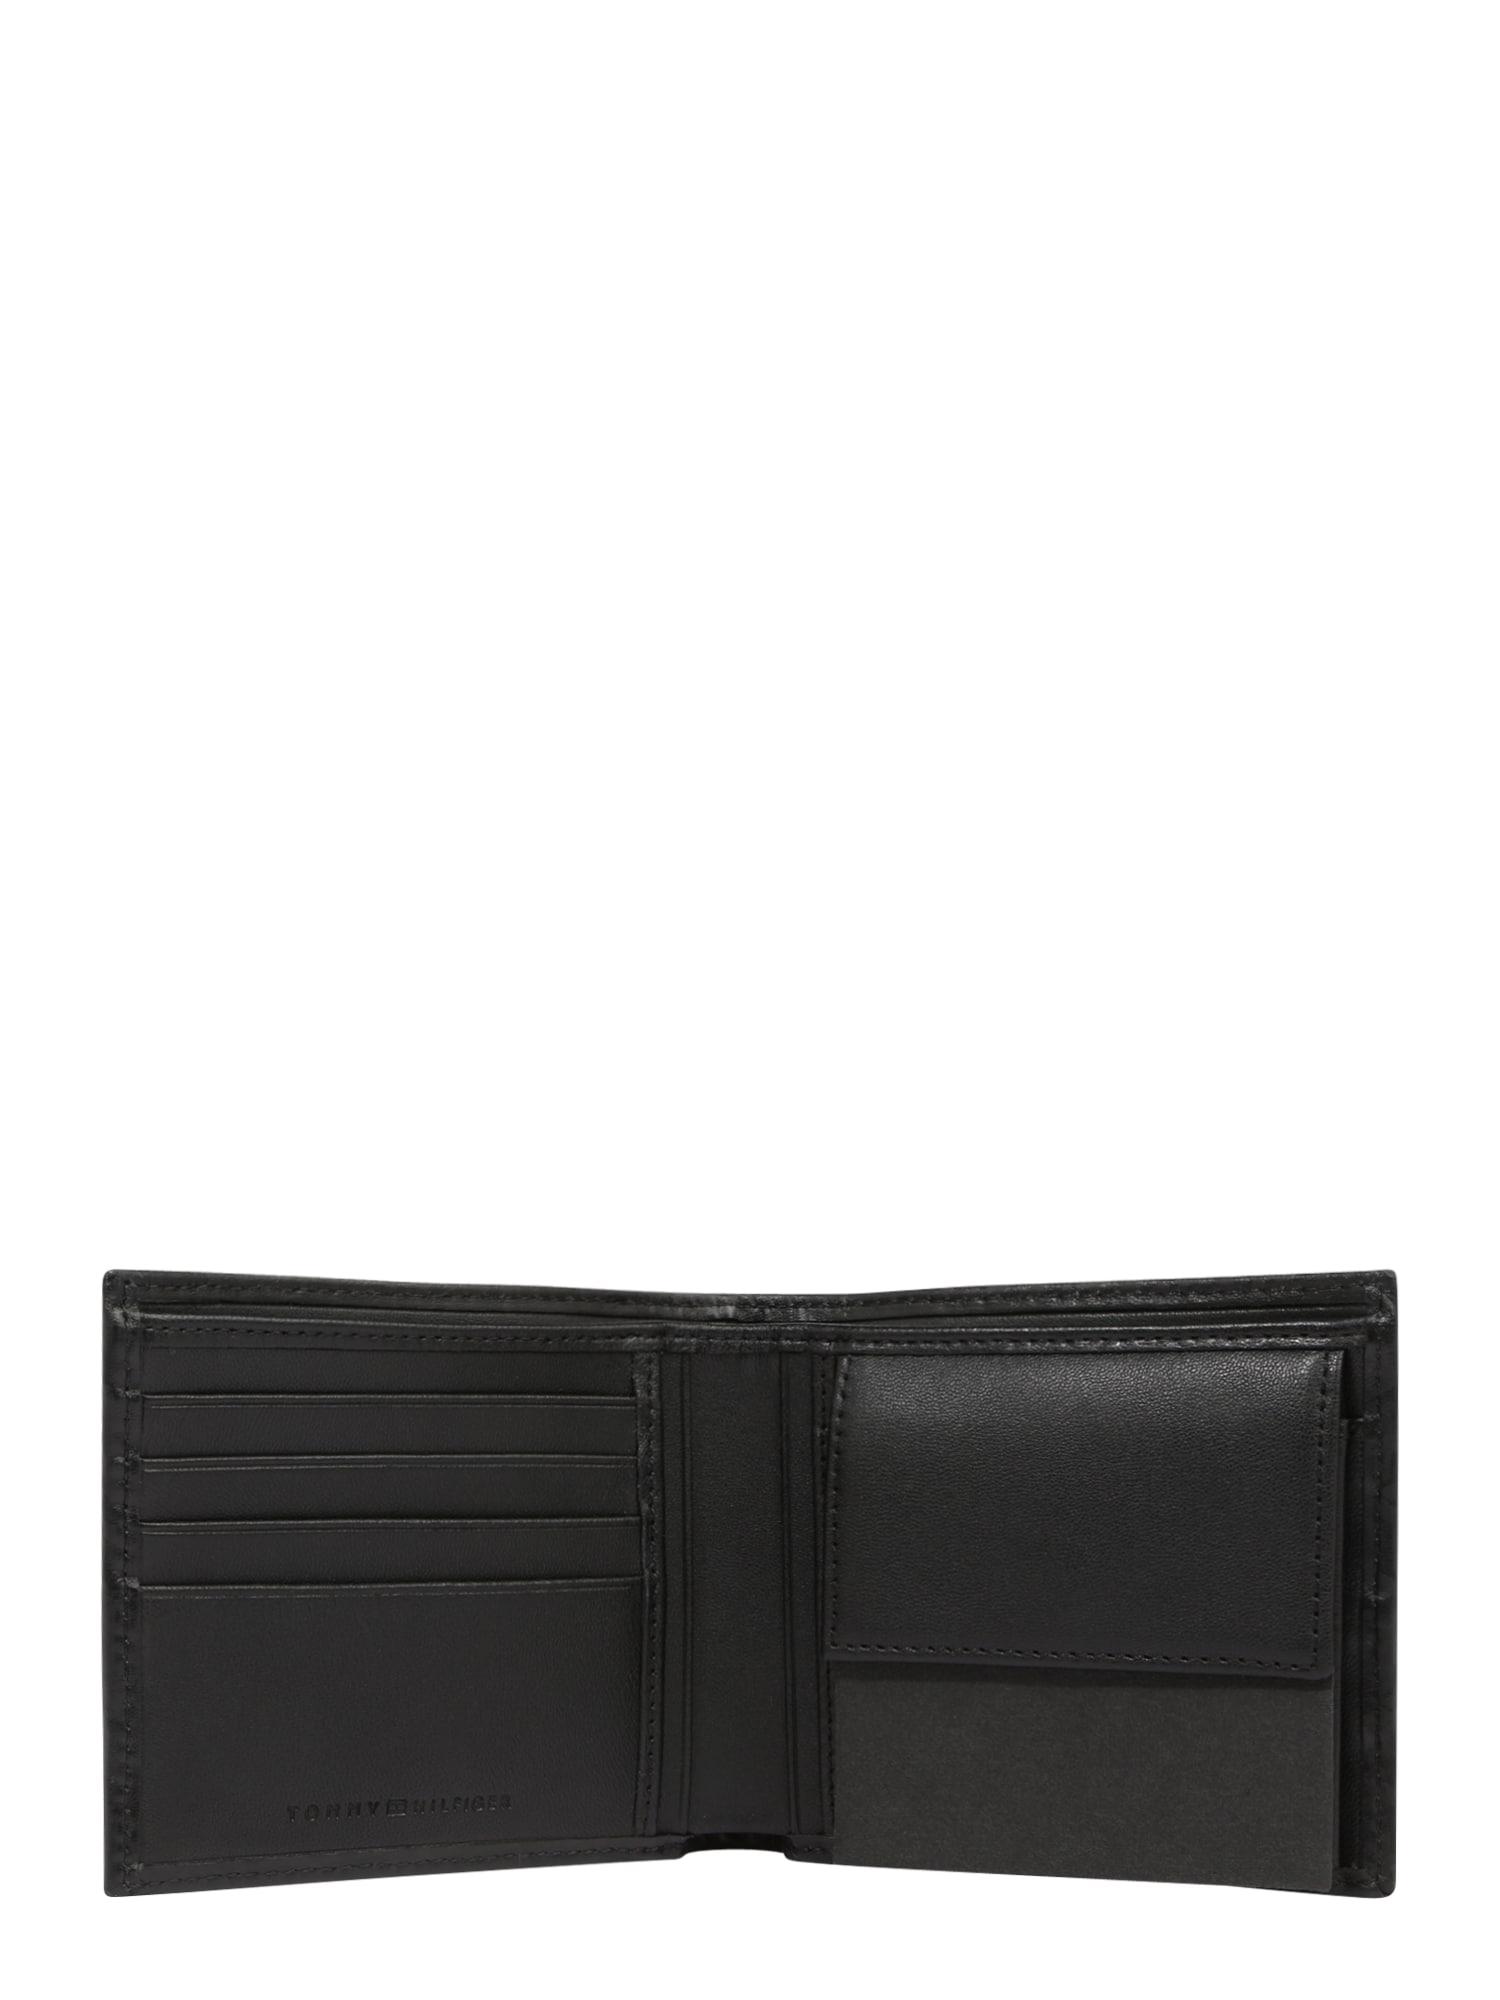 Tommy hilfiger porte-monnaies noir / gris / blanc